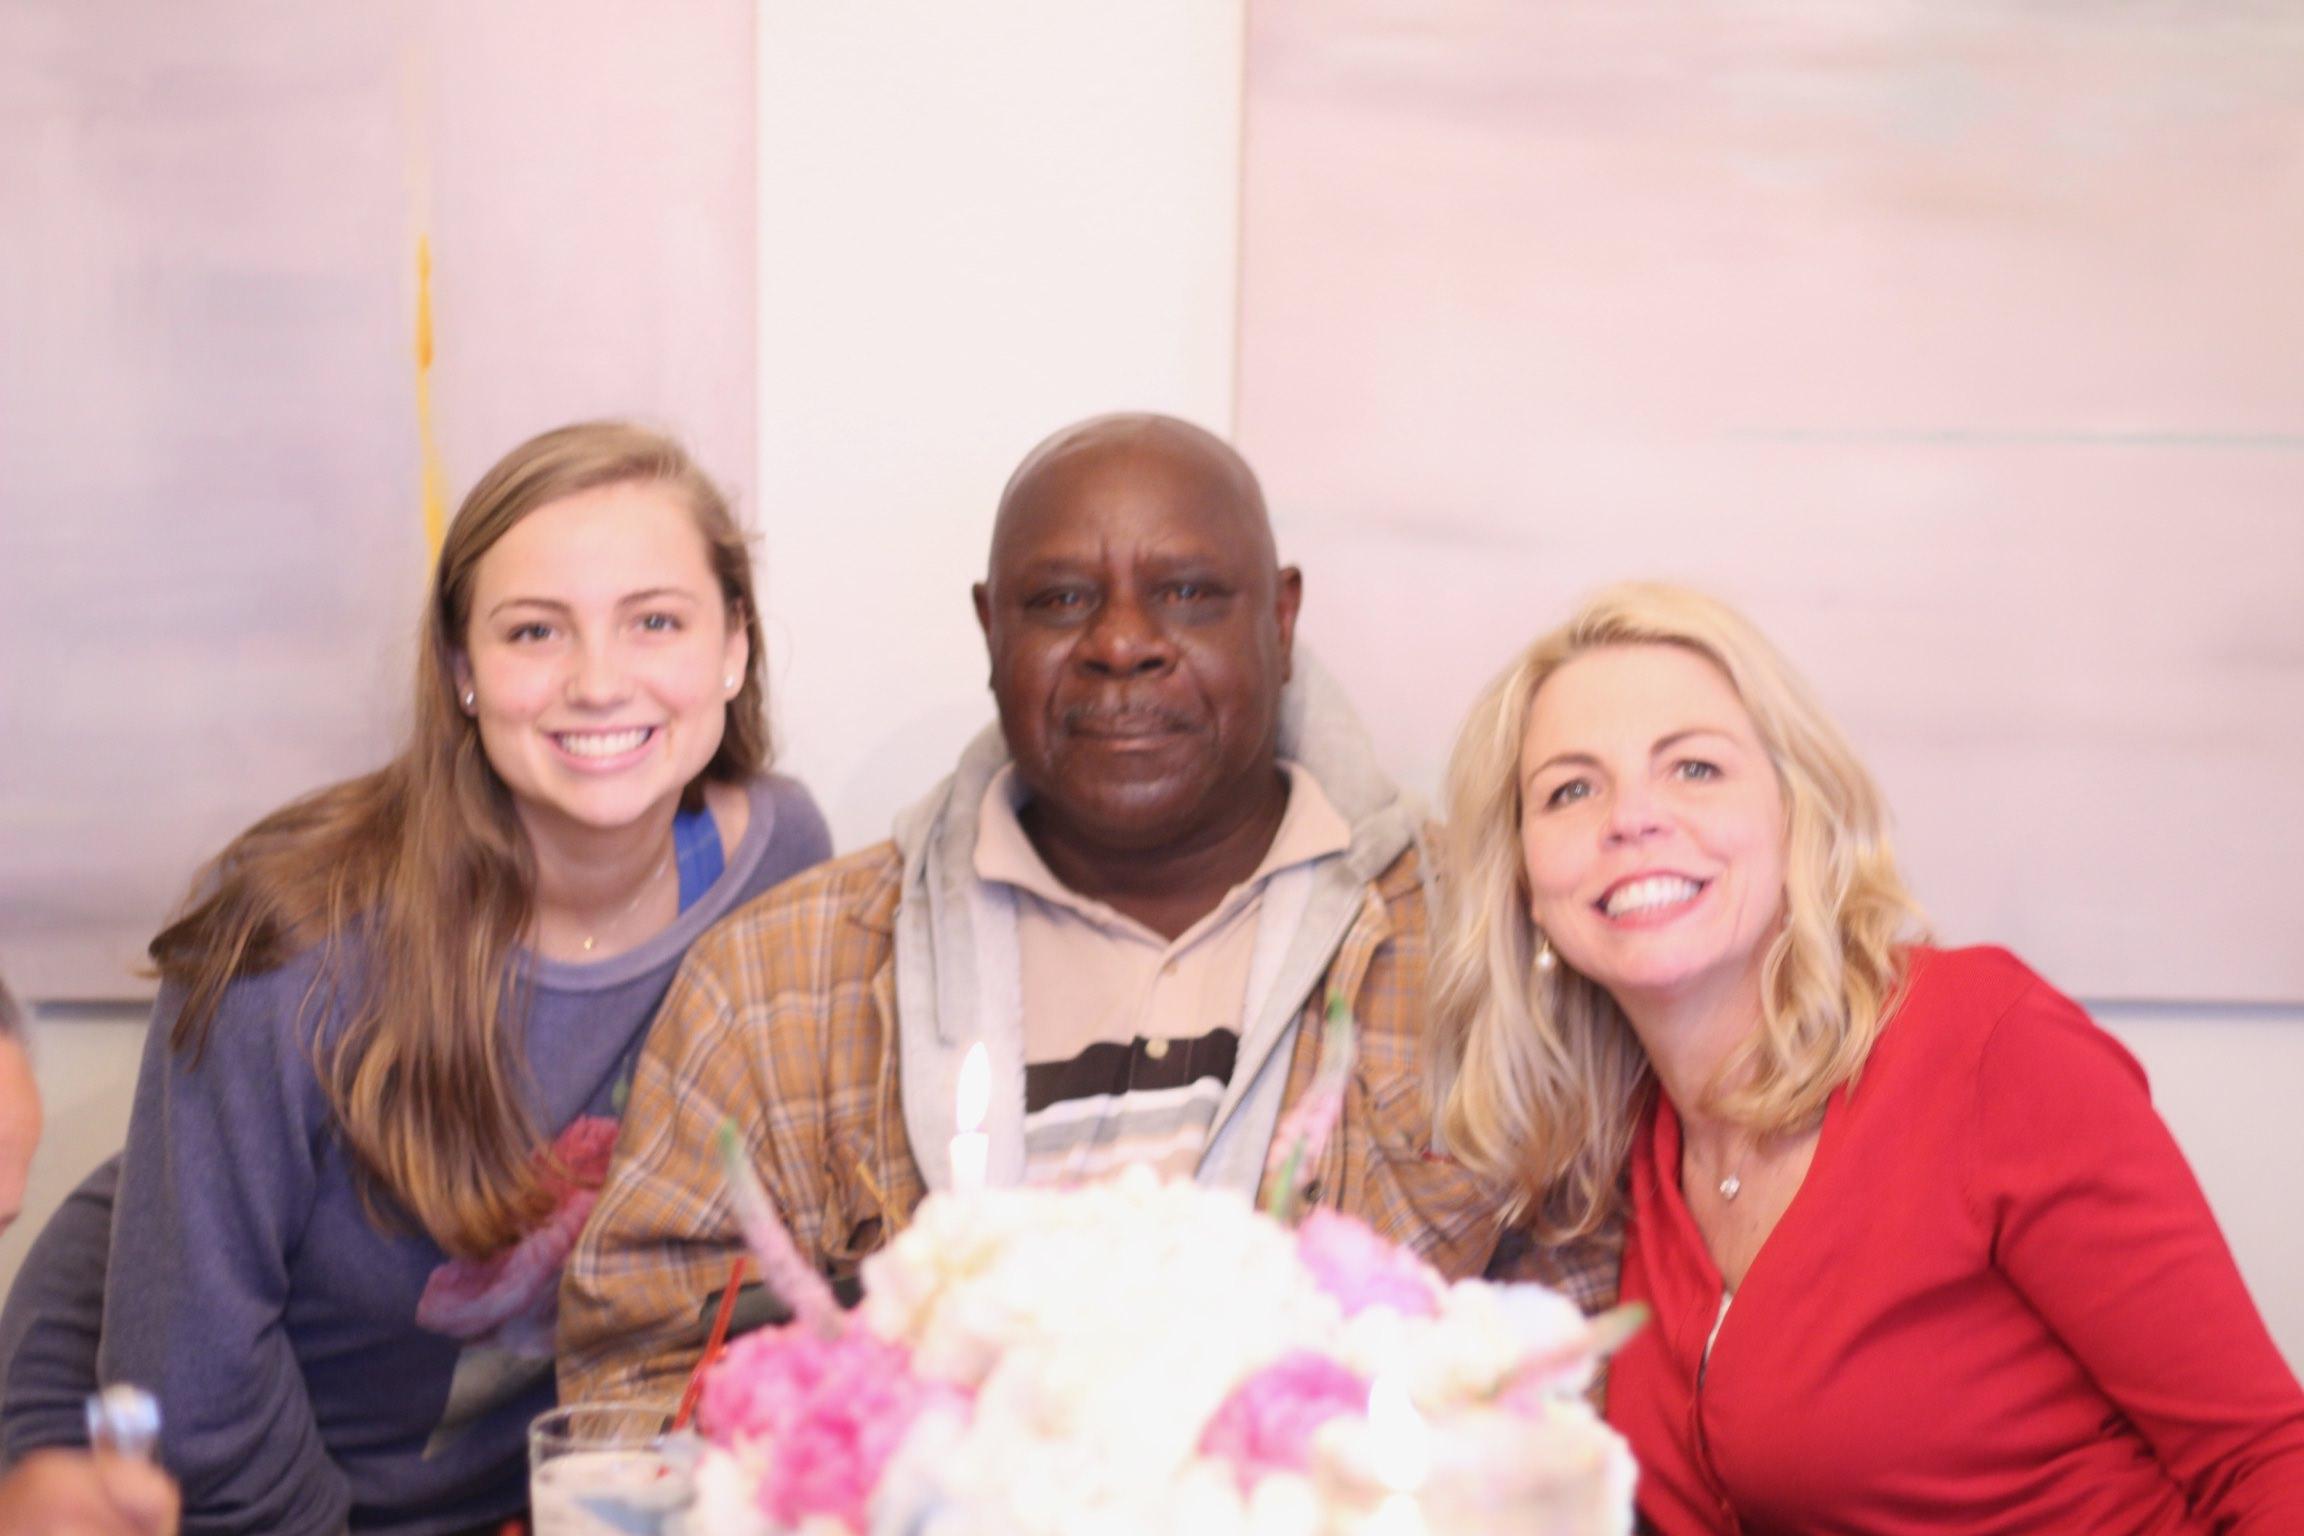 Morgan, Mr. B., and Gayle